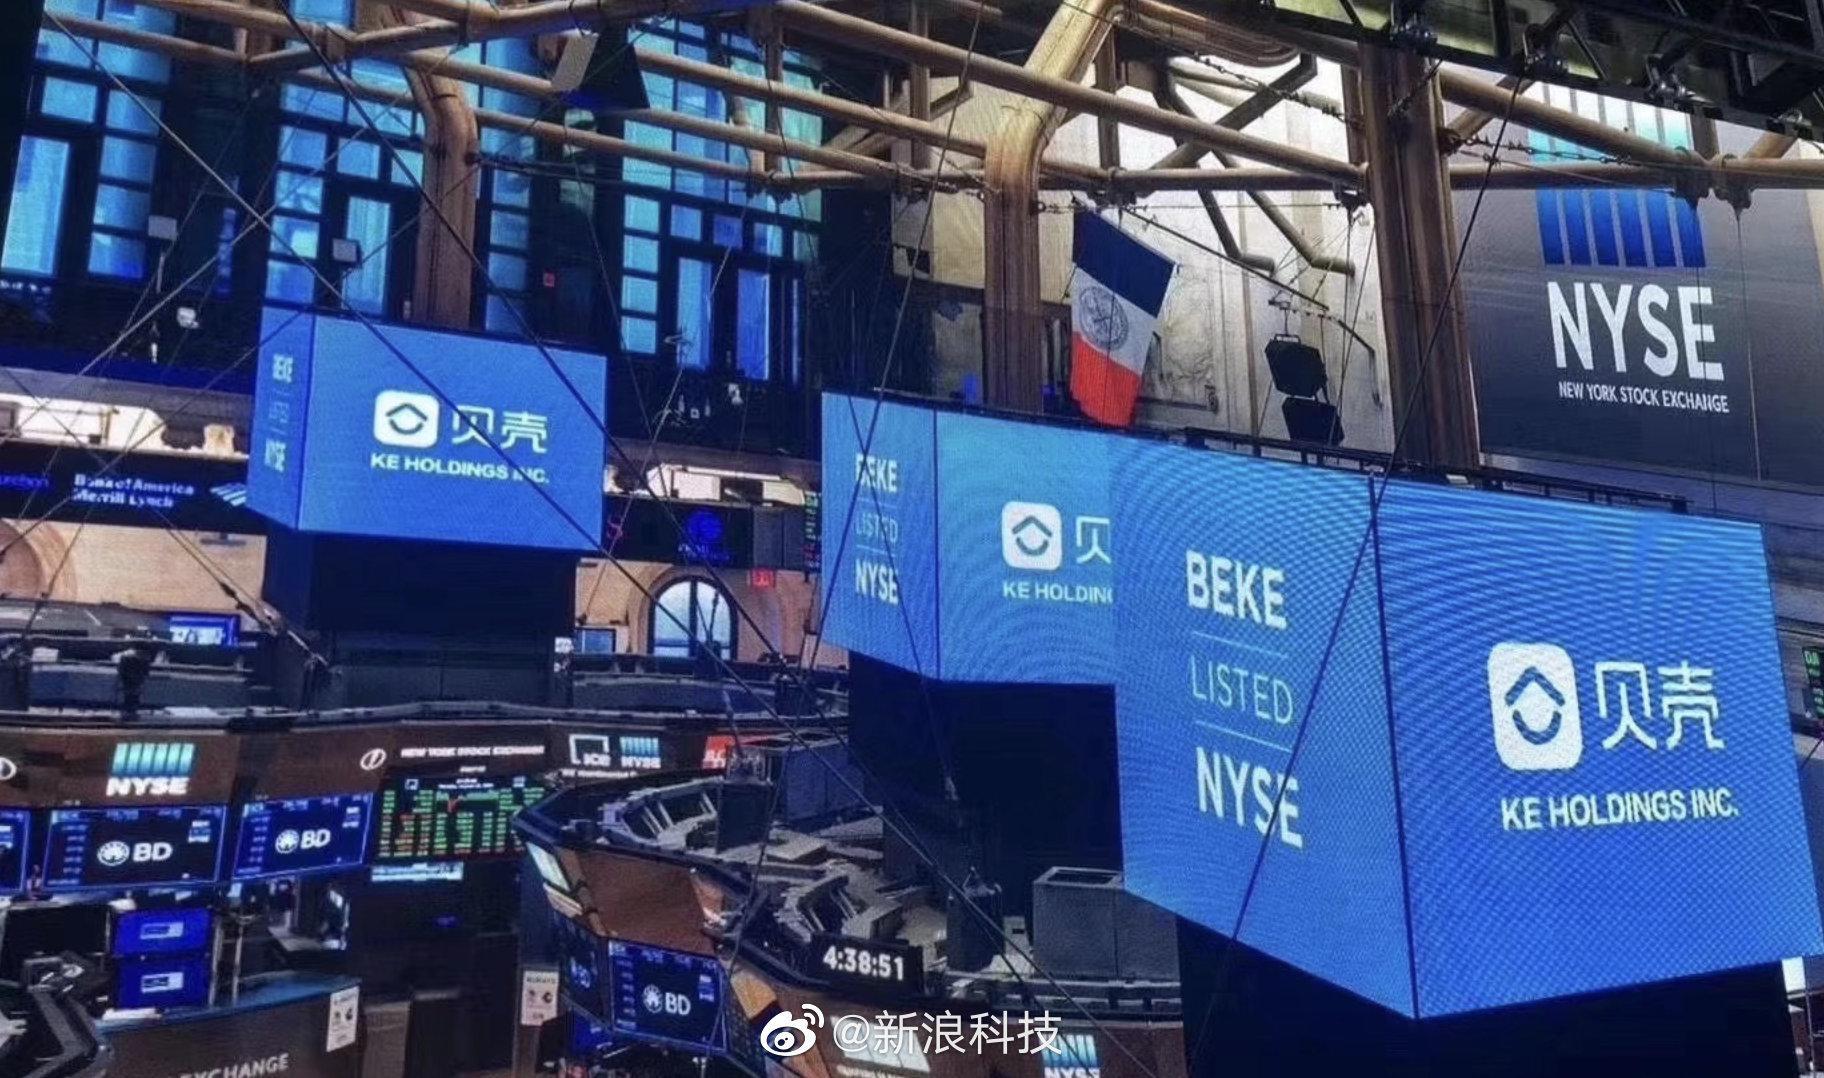 贝壳找房上市首日:股价大涨87.2% 市值达422亿美元